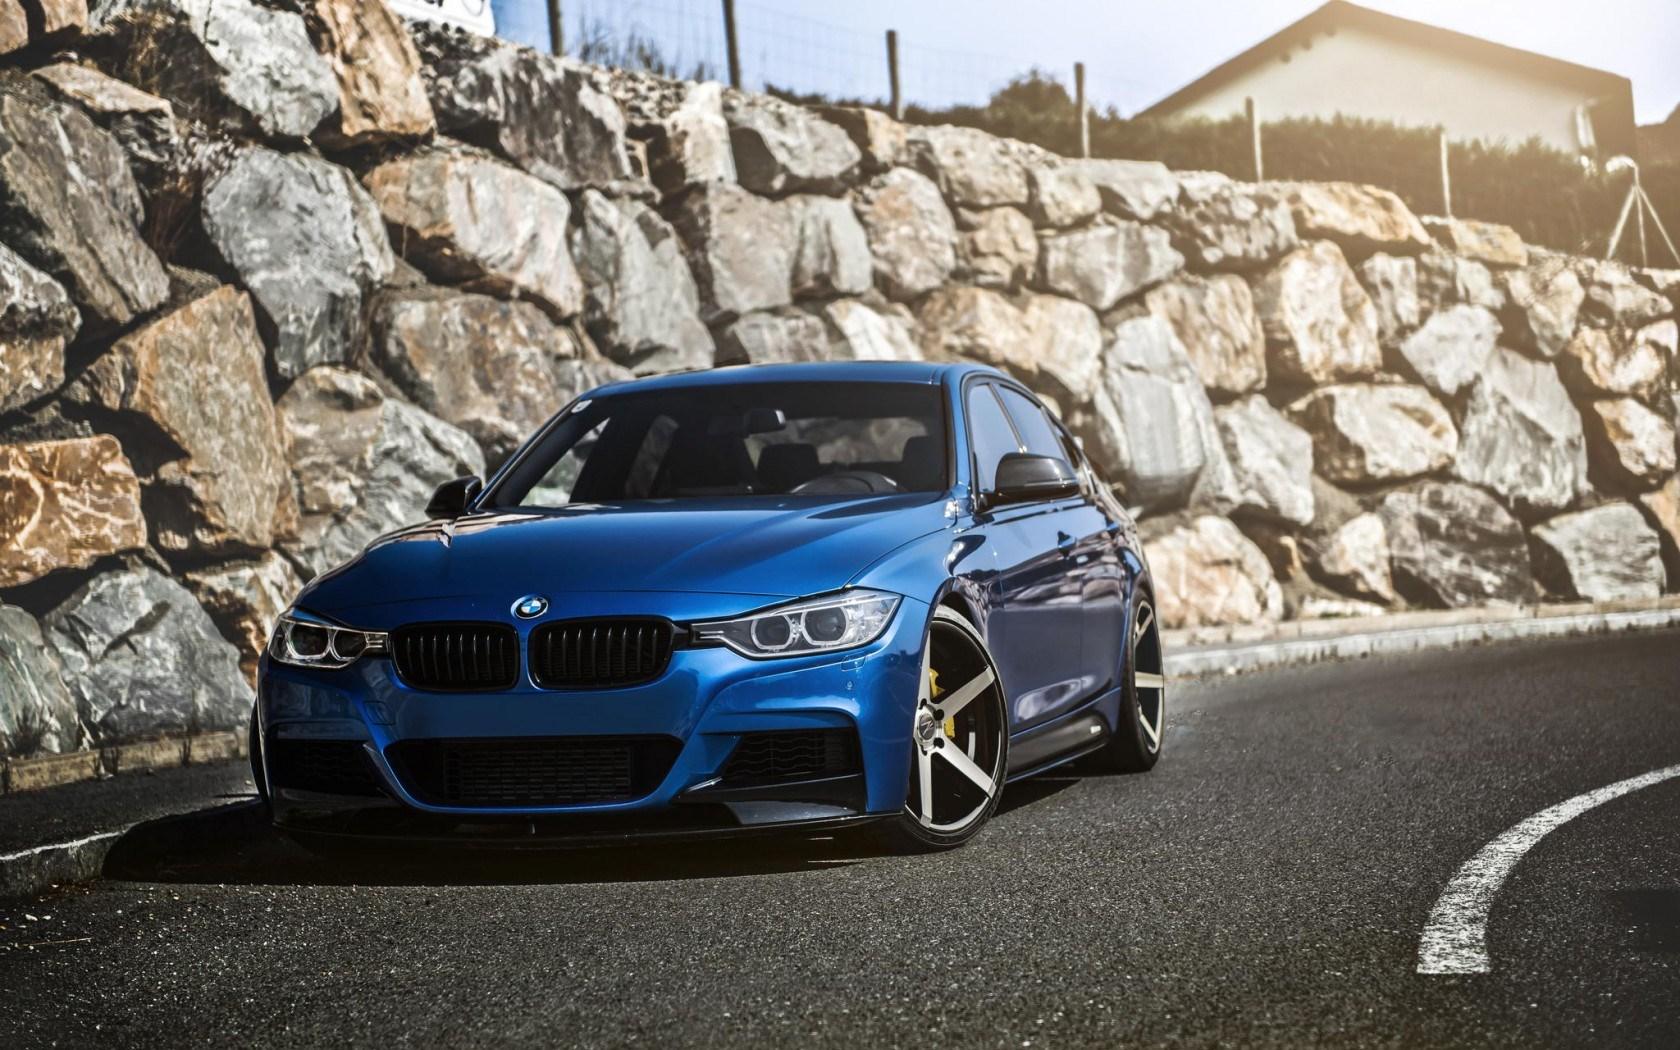 BMW F30 Street Car Tuning 7036757 1680x1050